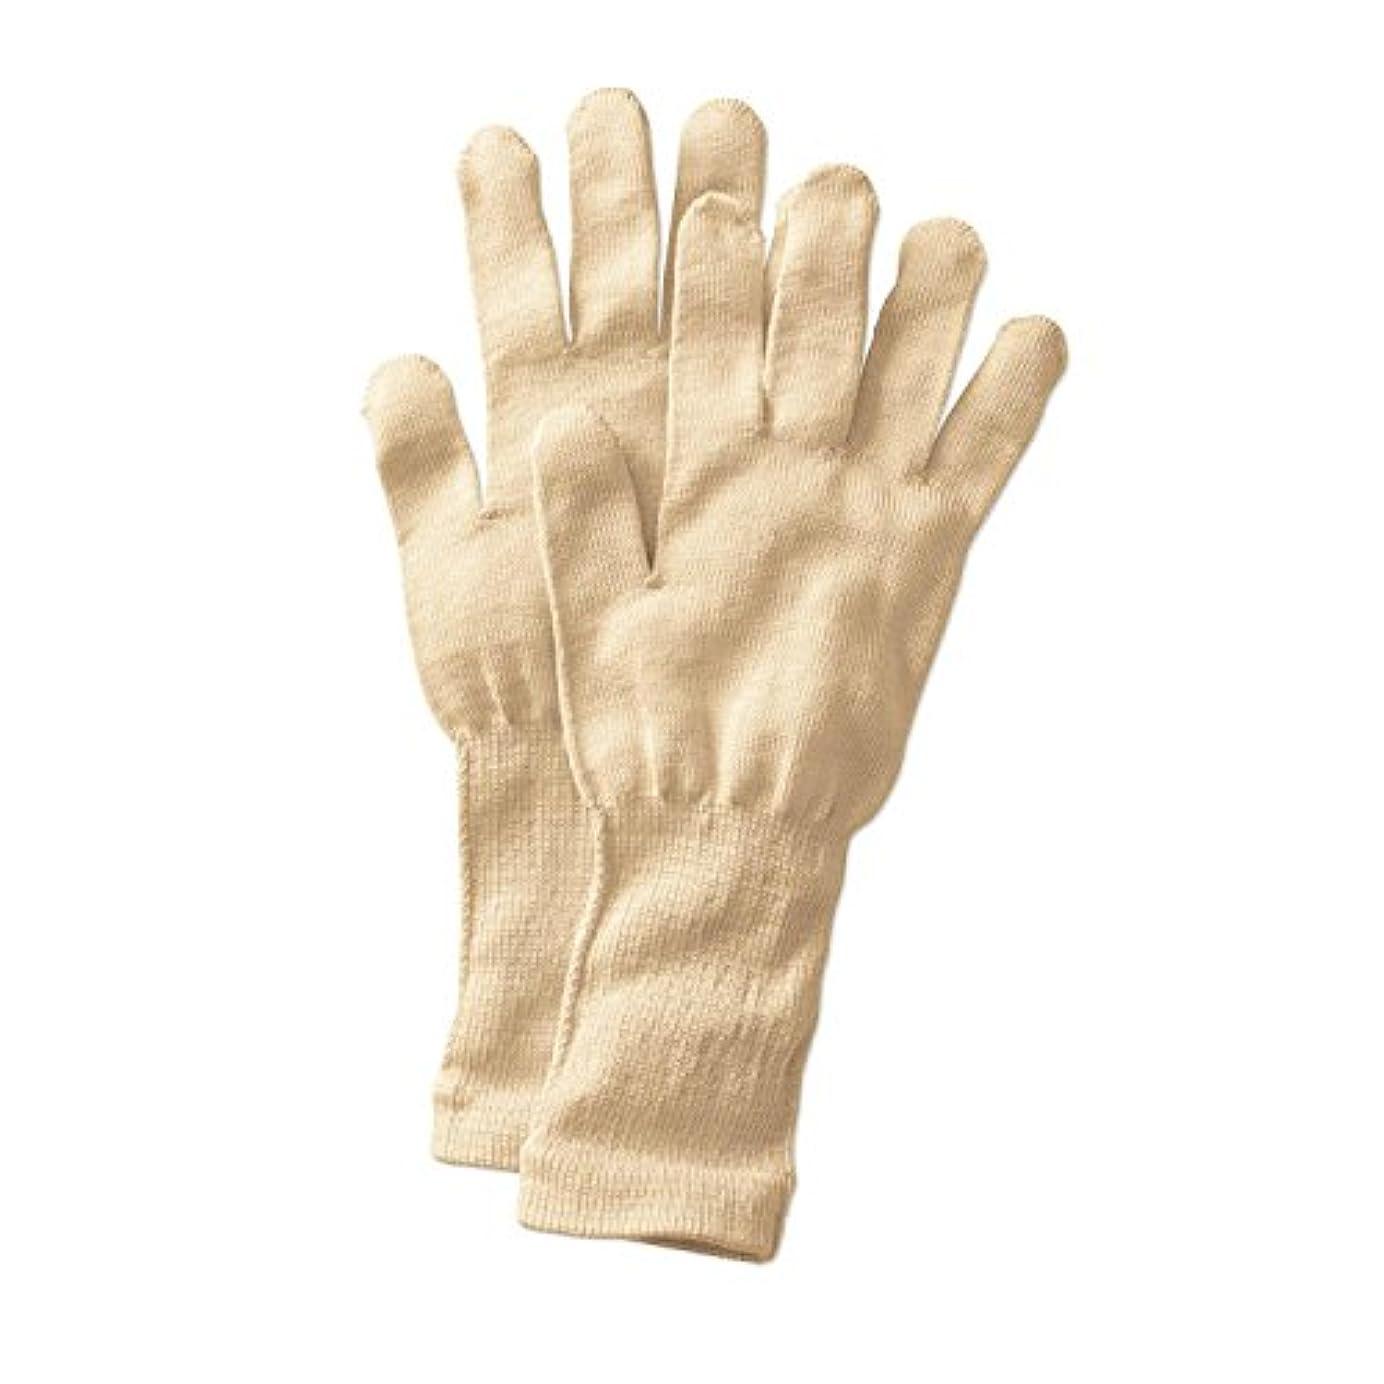 アジア人金属件名[ベルメゾン] 手袋 シルク 冷え取り おやすみ あったか /冷えとり日和365 クリーム